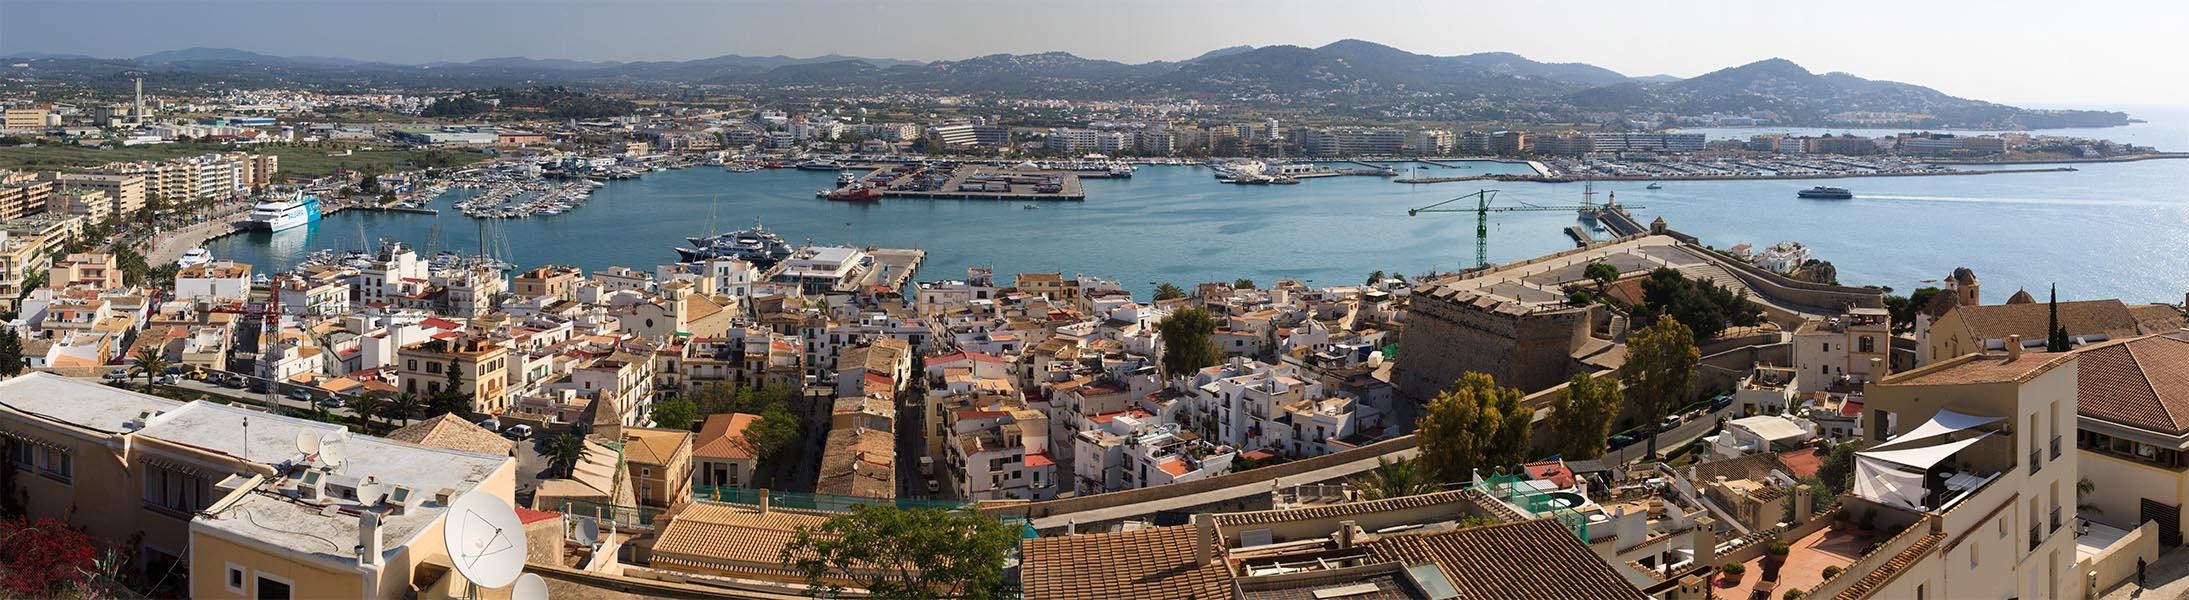 Ibiza stad |panorama